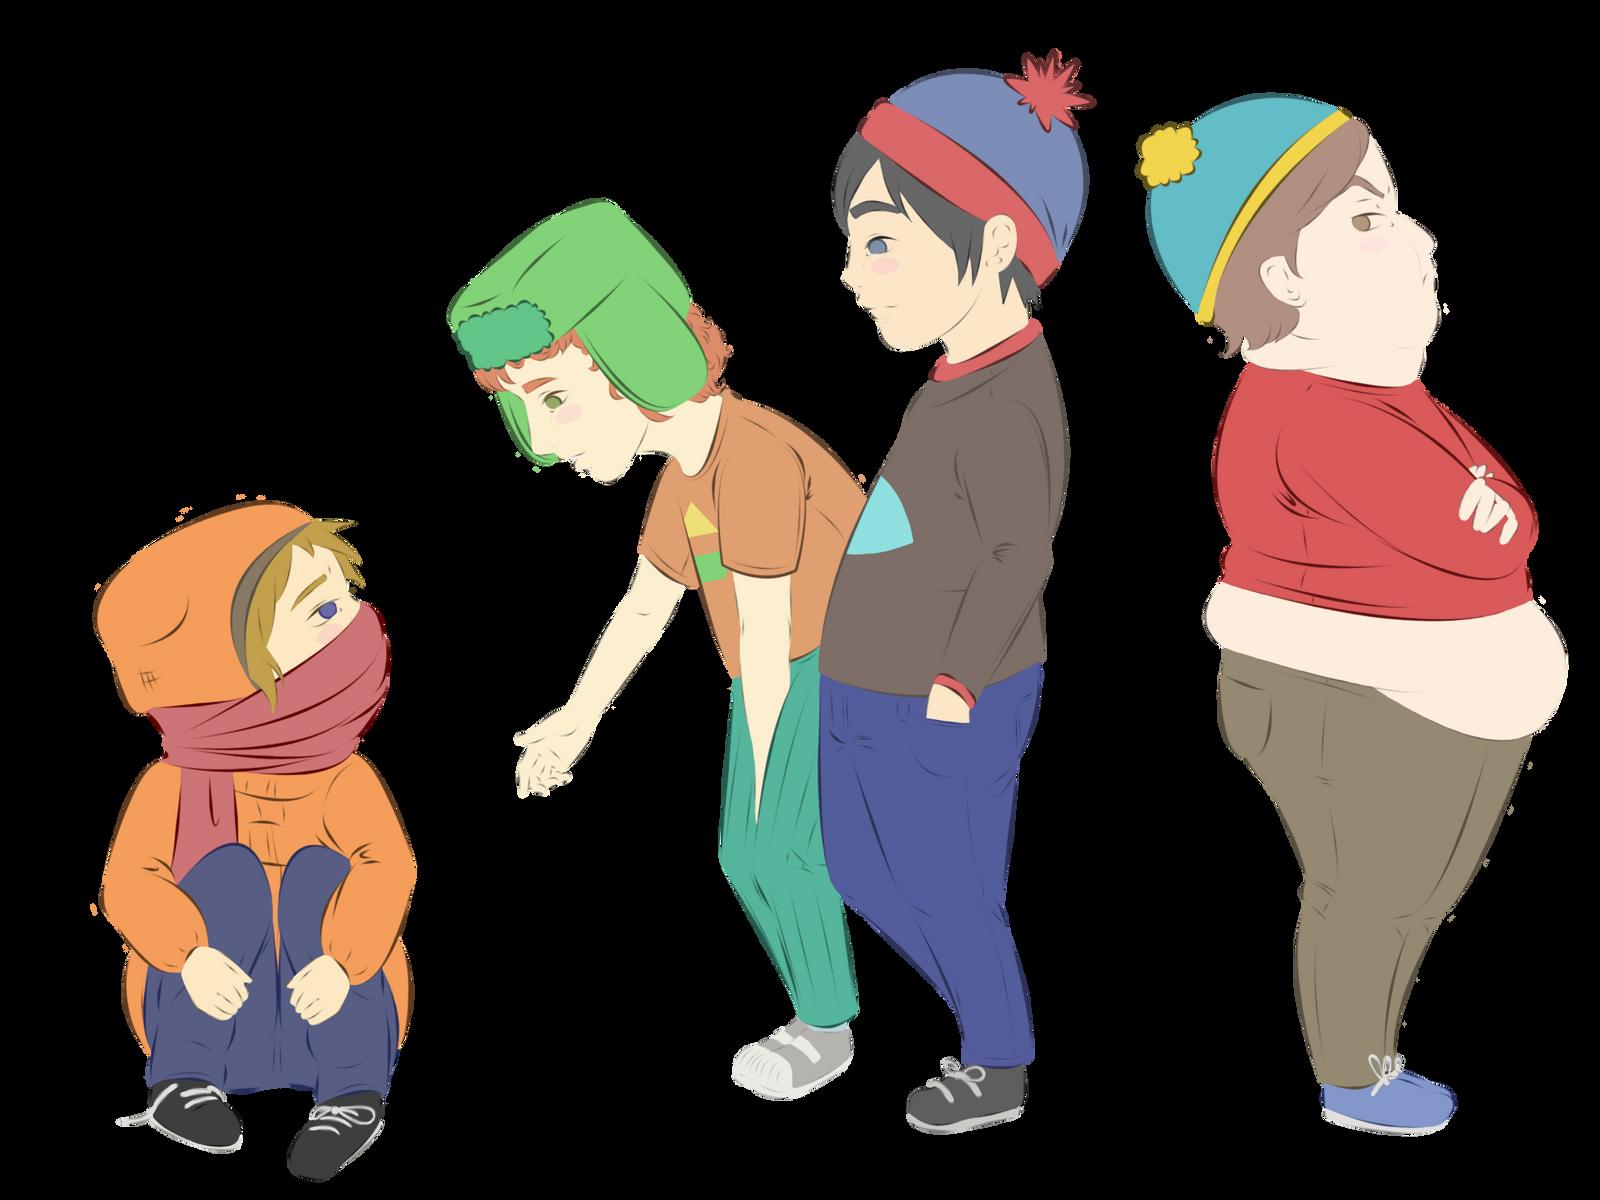 South Park Friends by PorcelainBitch